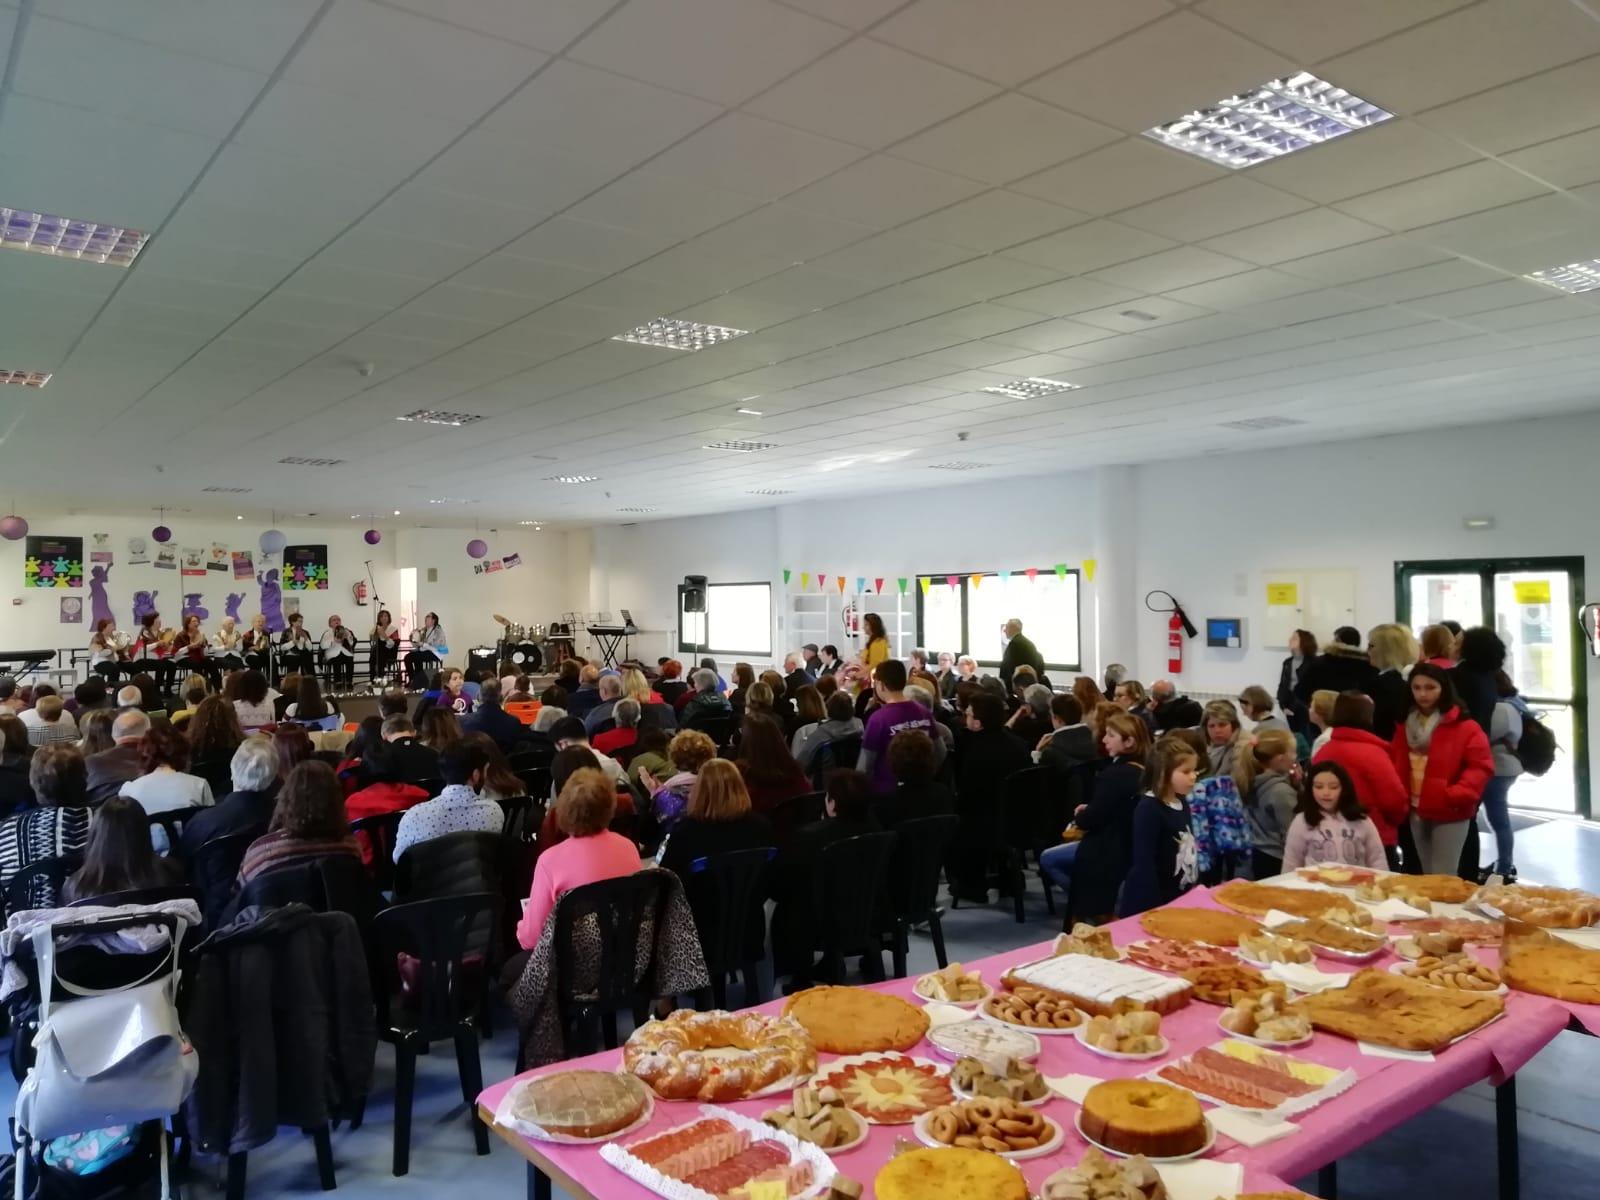 MANIFESTO FESTA DAS MULLERES